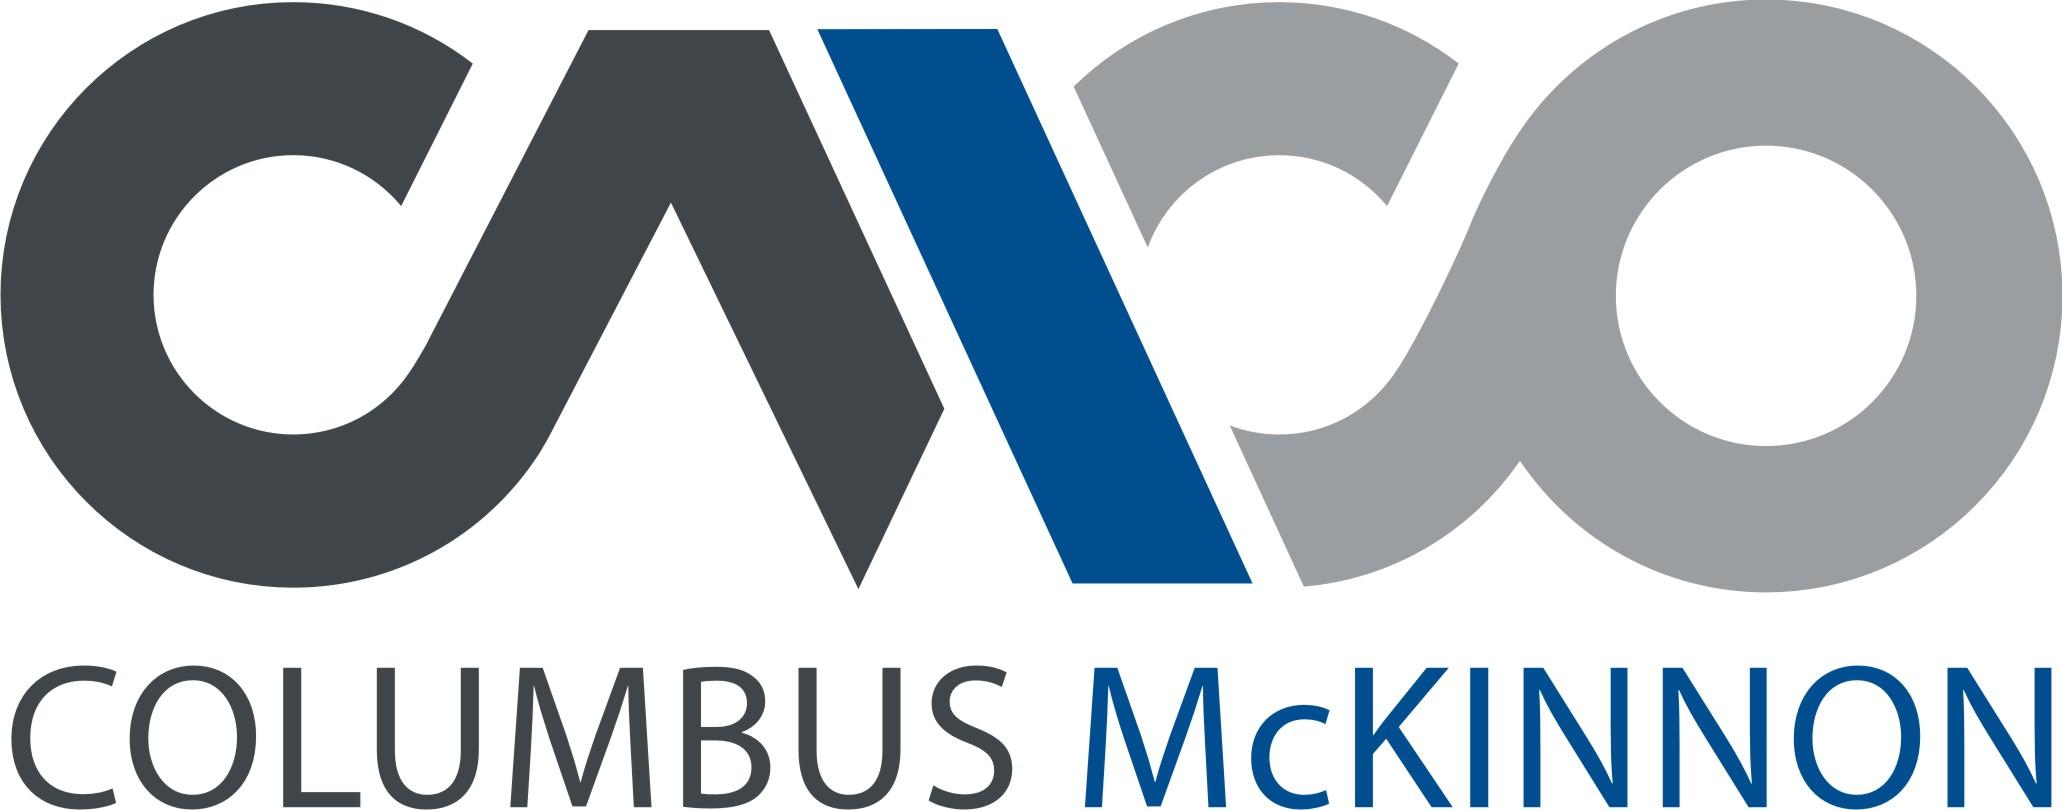 columbus-mckinnon-logo[1]